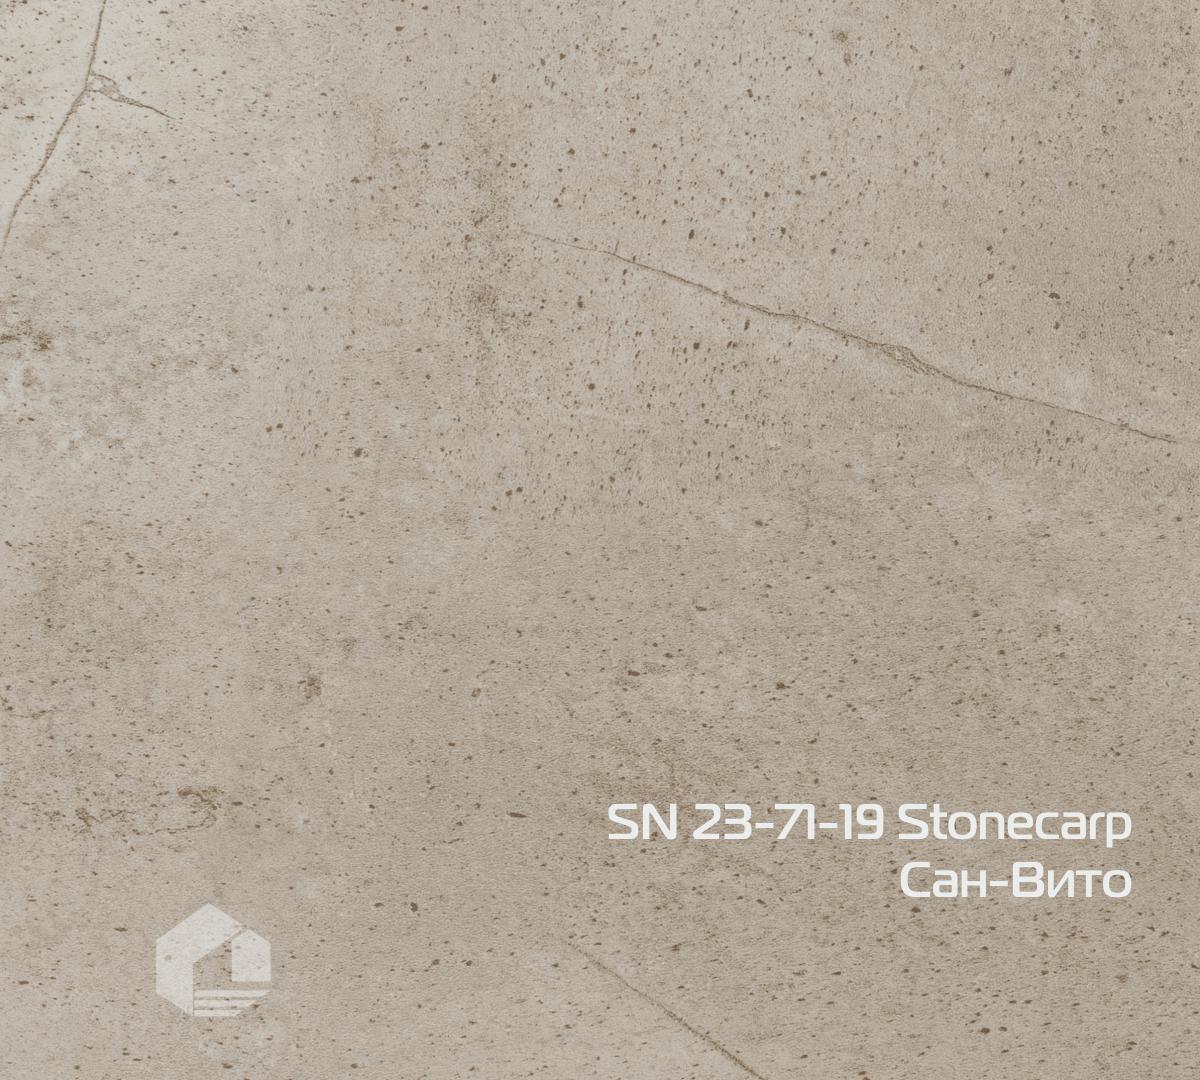 Замковая ПВХ плитка Wonderful STONECARP SN 23-71-19